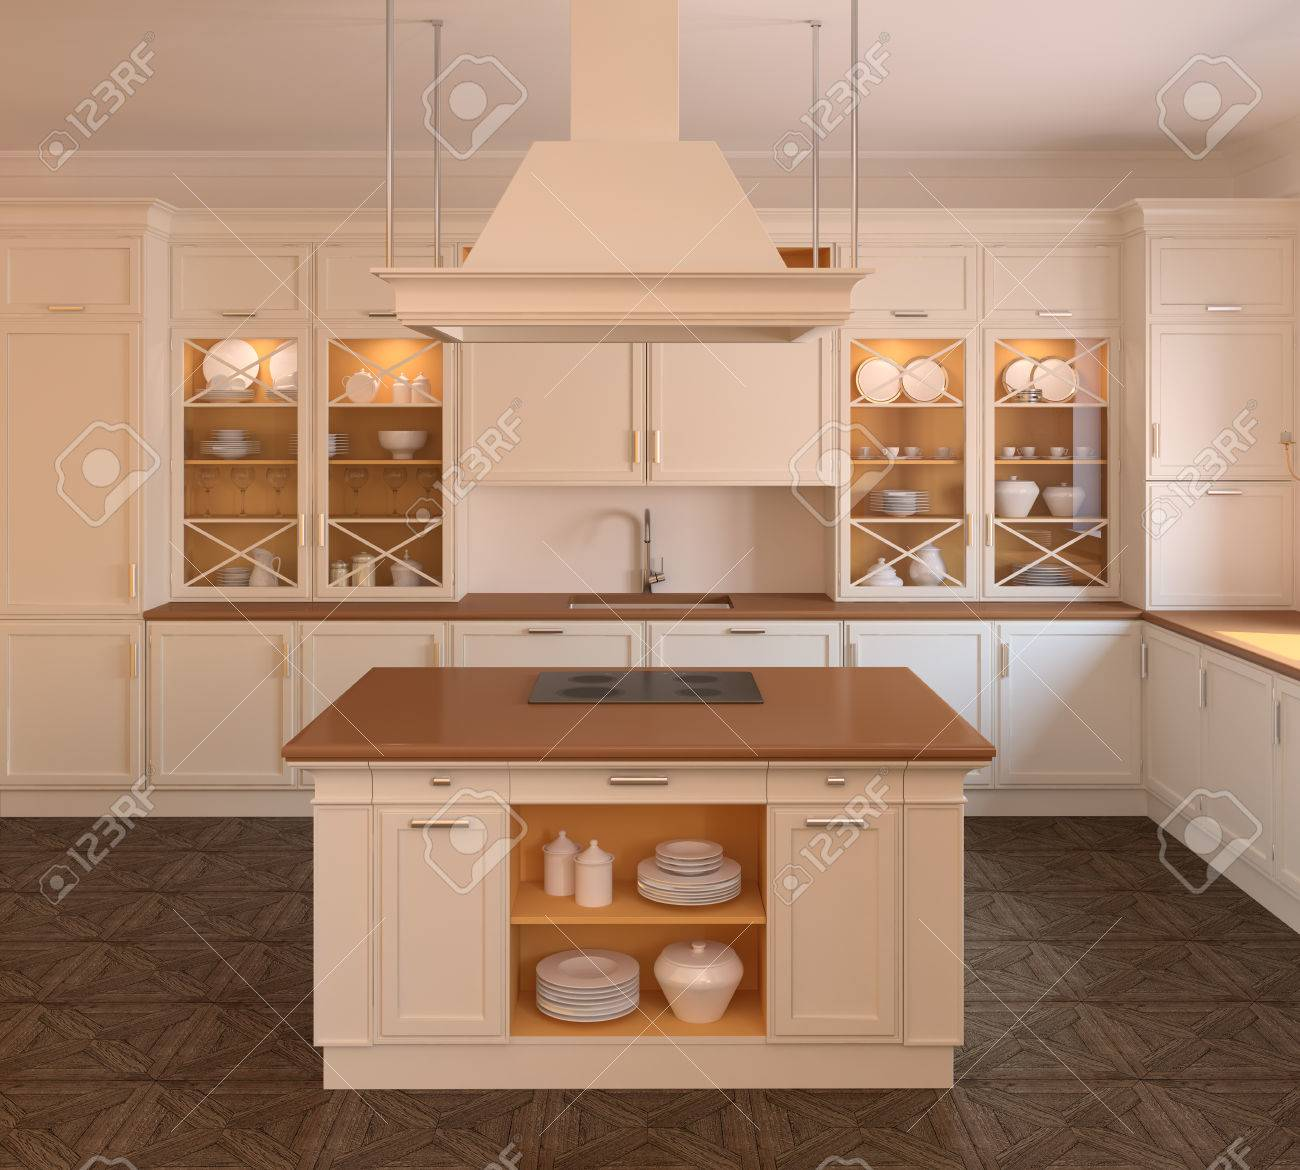 Innenraum Der Klassischen Weißen Küche. 3d Render Lizenzfreie Fotos ...